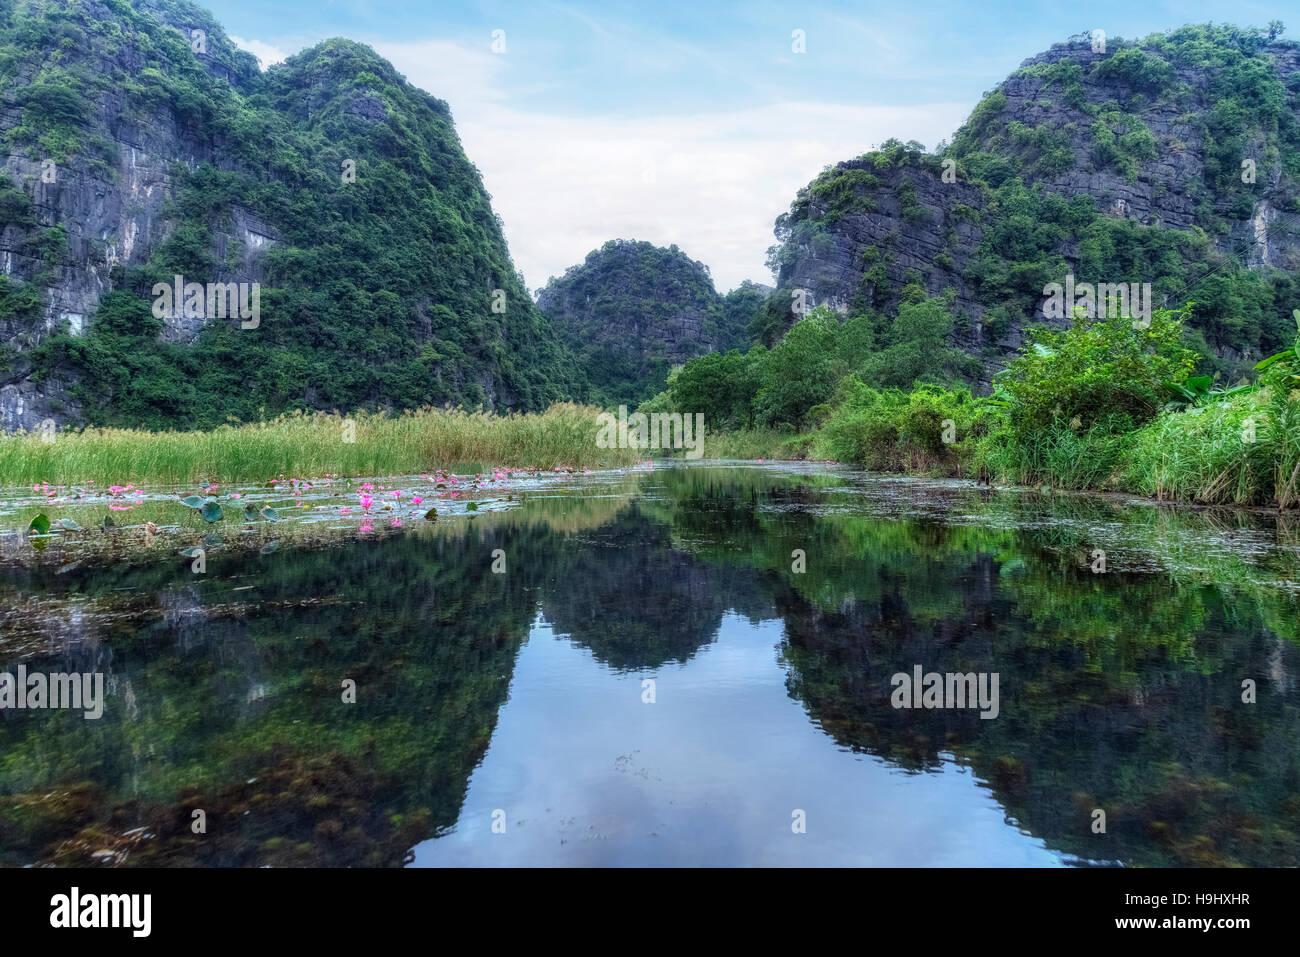 Tam Coc, Ninh Binh, Vietnam, Asia - Stock Image